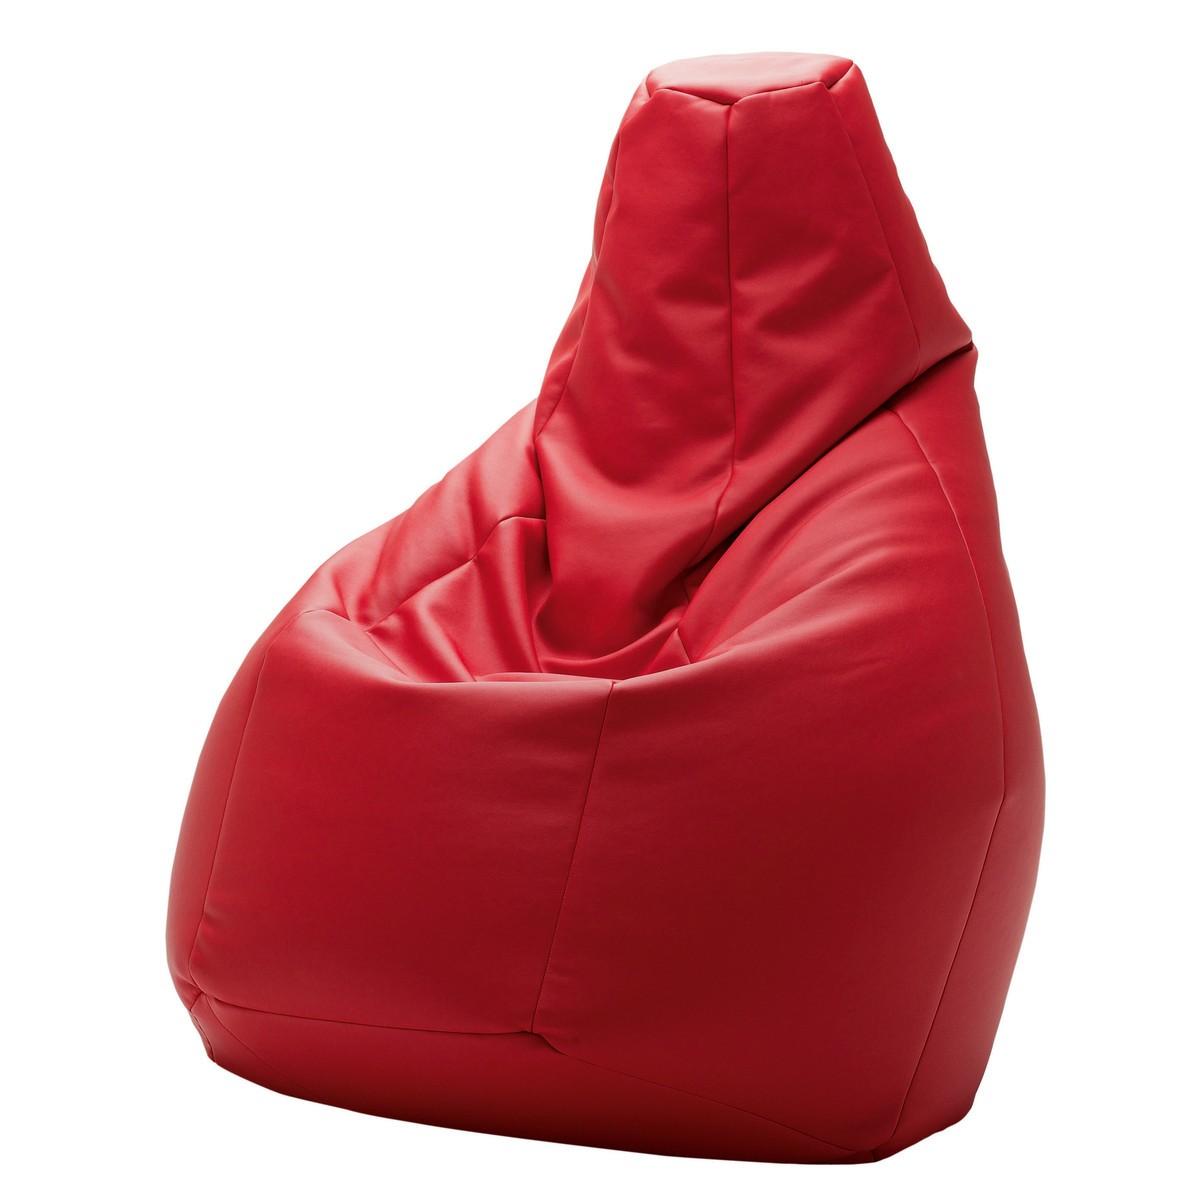 sacco di zanotta poltrone chaise longue arredamento mollura home design. Black Bedroom Furniture Sets. Home Design Ideas